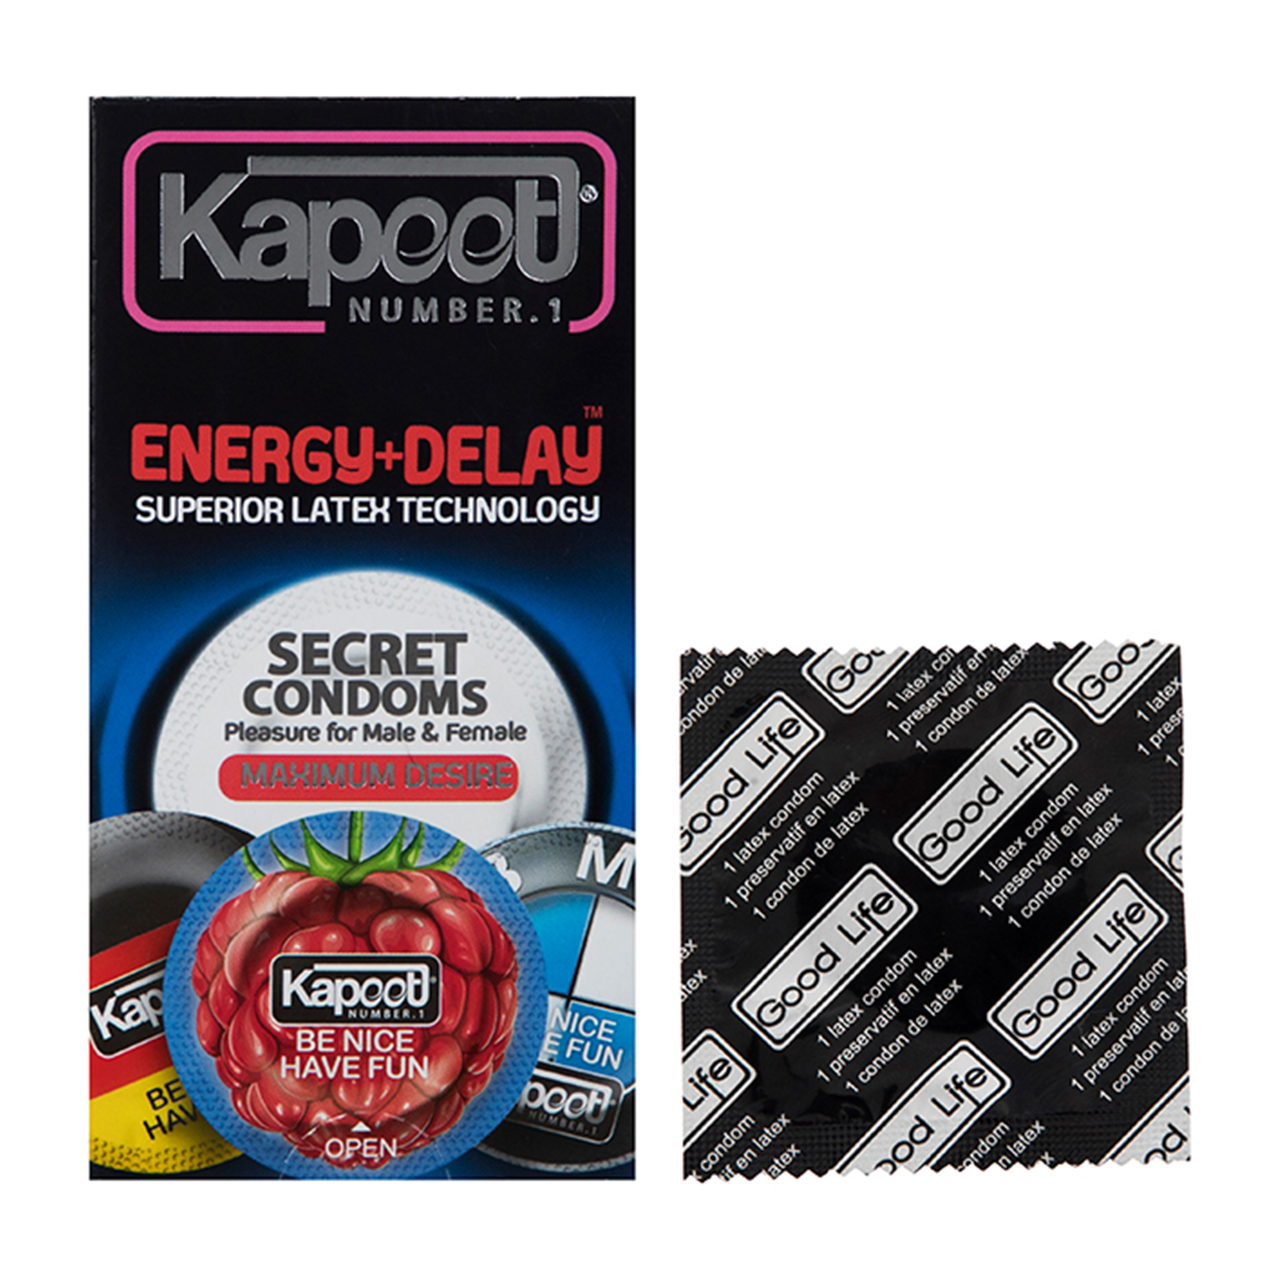 قیمت کاندوم خاردار کاپوت مدل Energy بسته 12 عددی به همراه یک عدد کاندوم Good Life